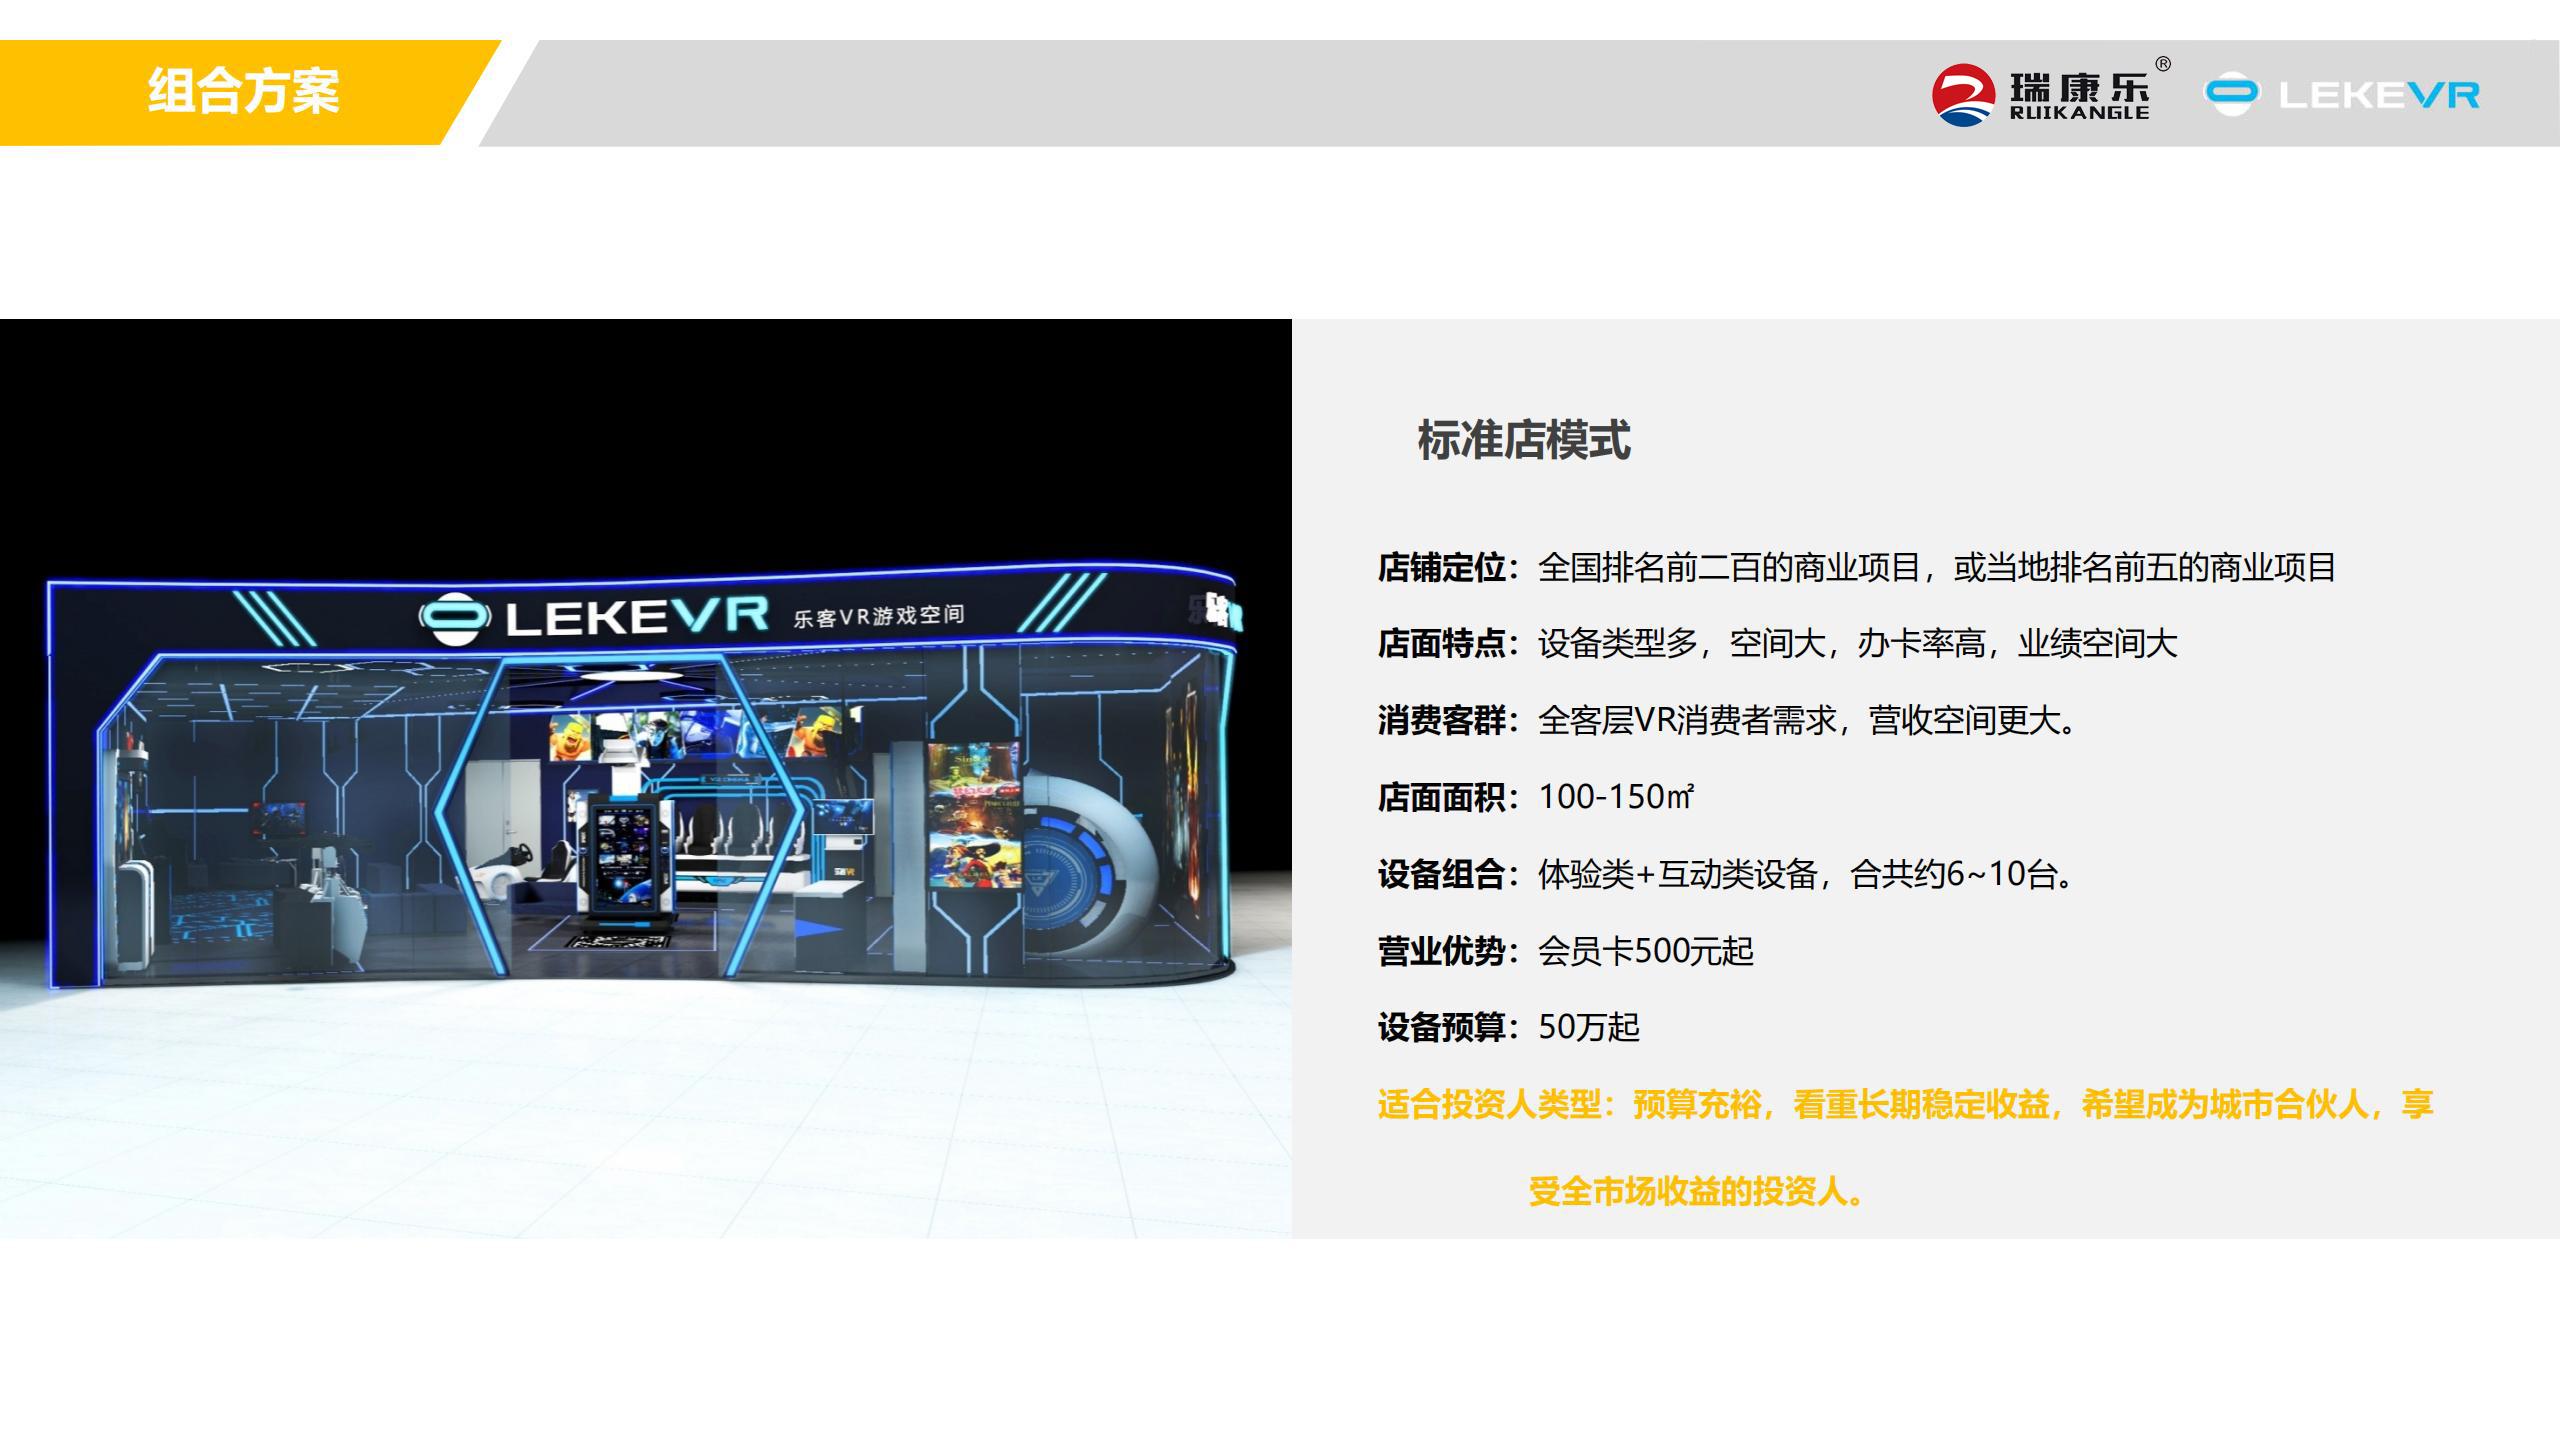 乐客VR联营项目介绍_31